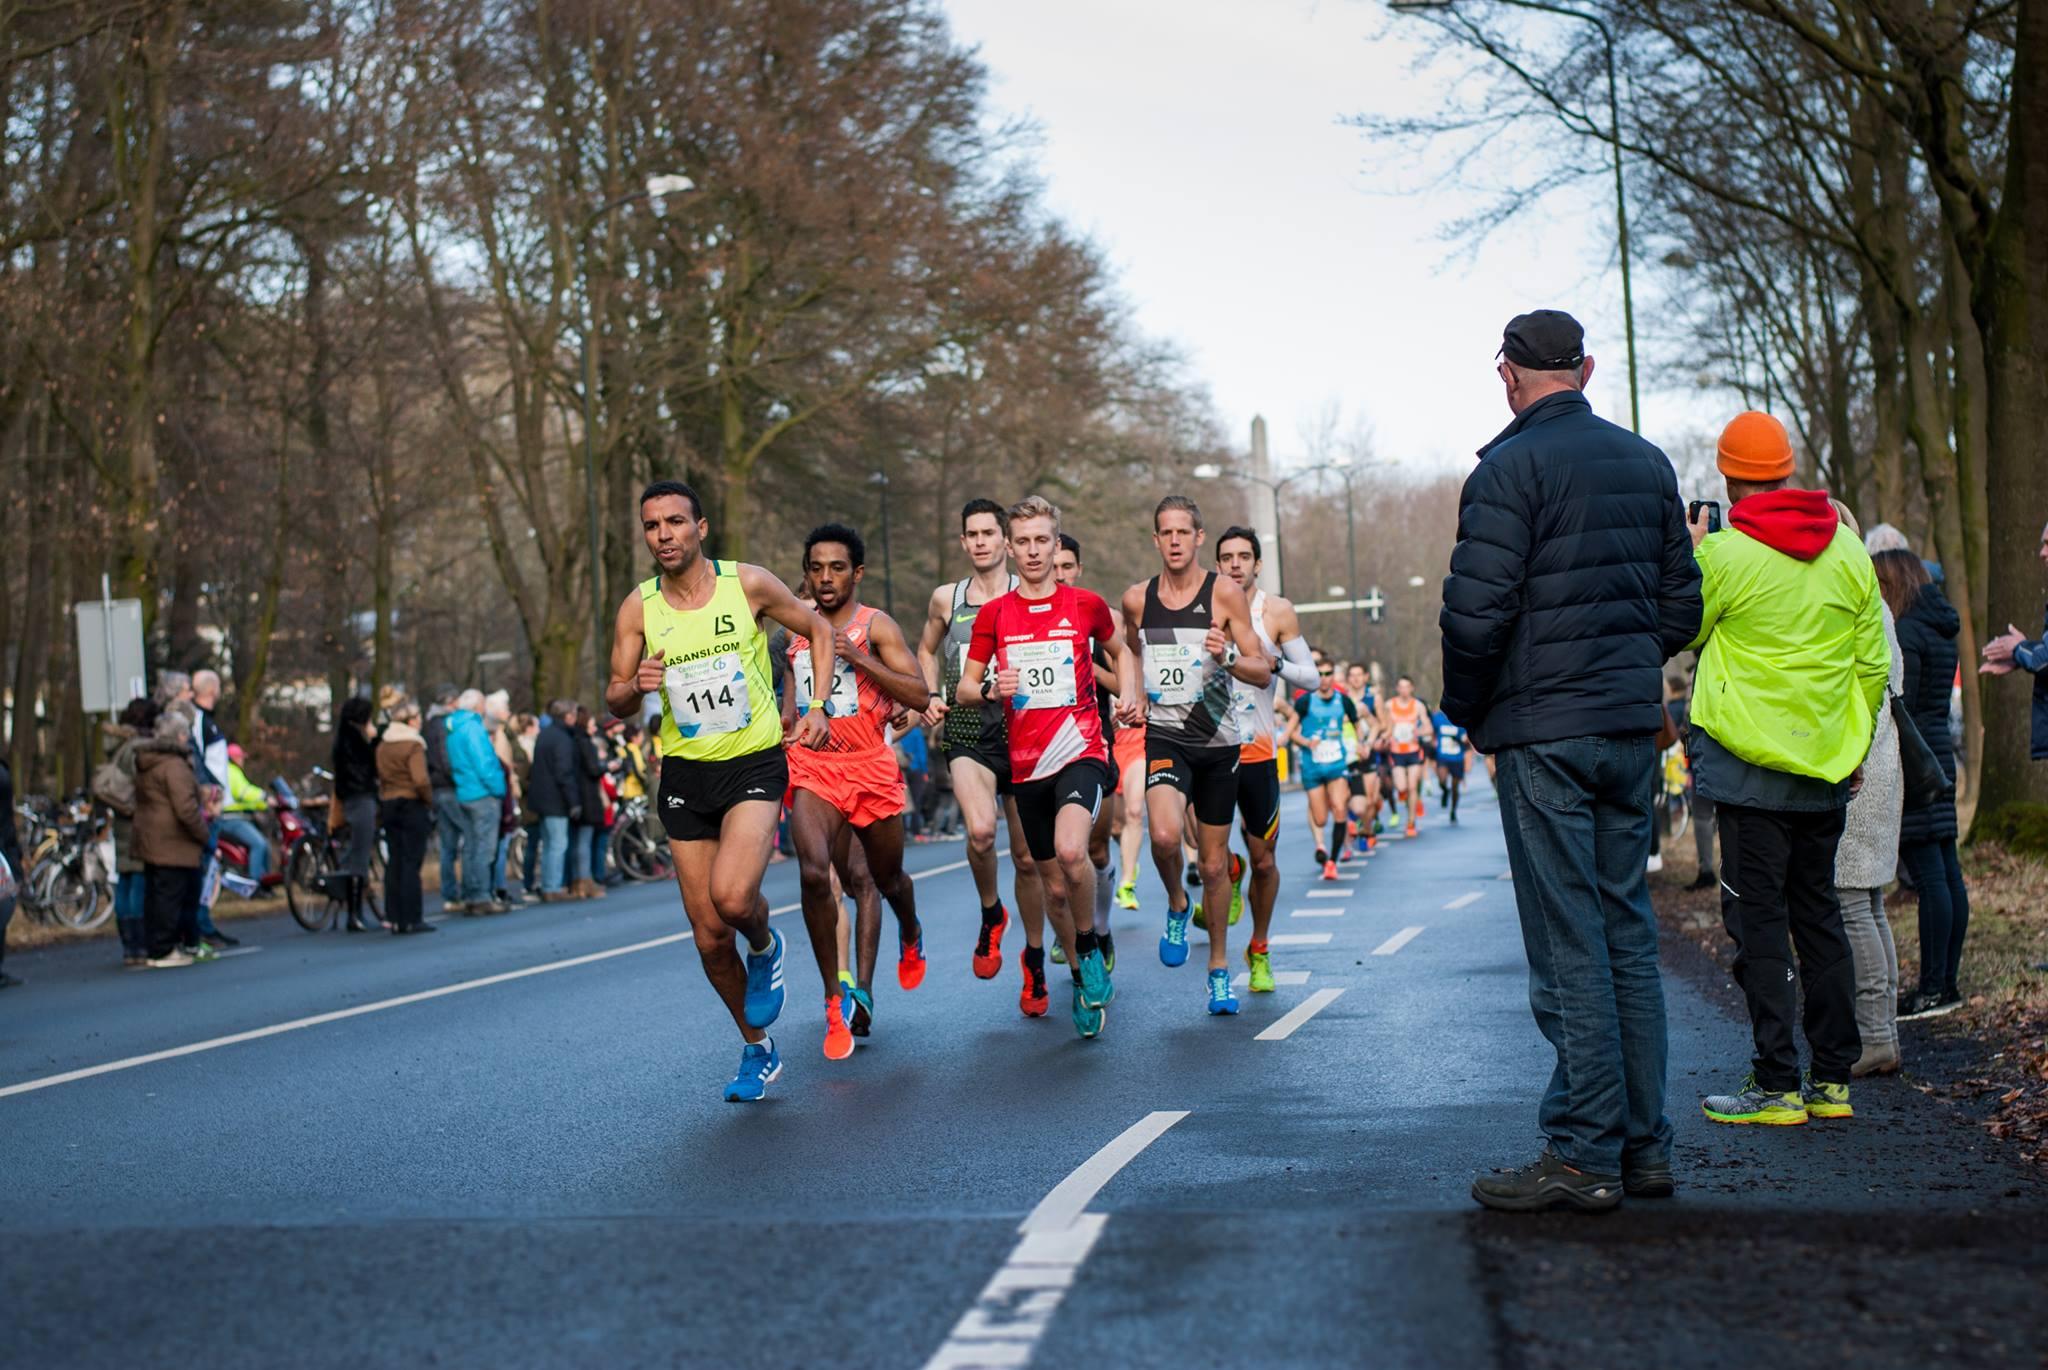 marathon berlijn uitslagen